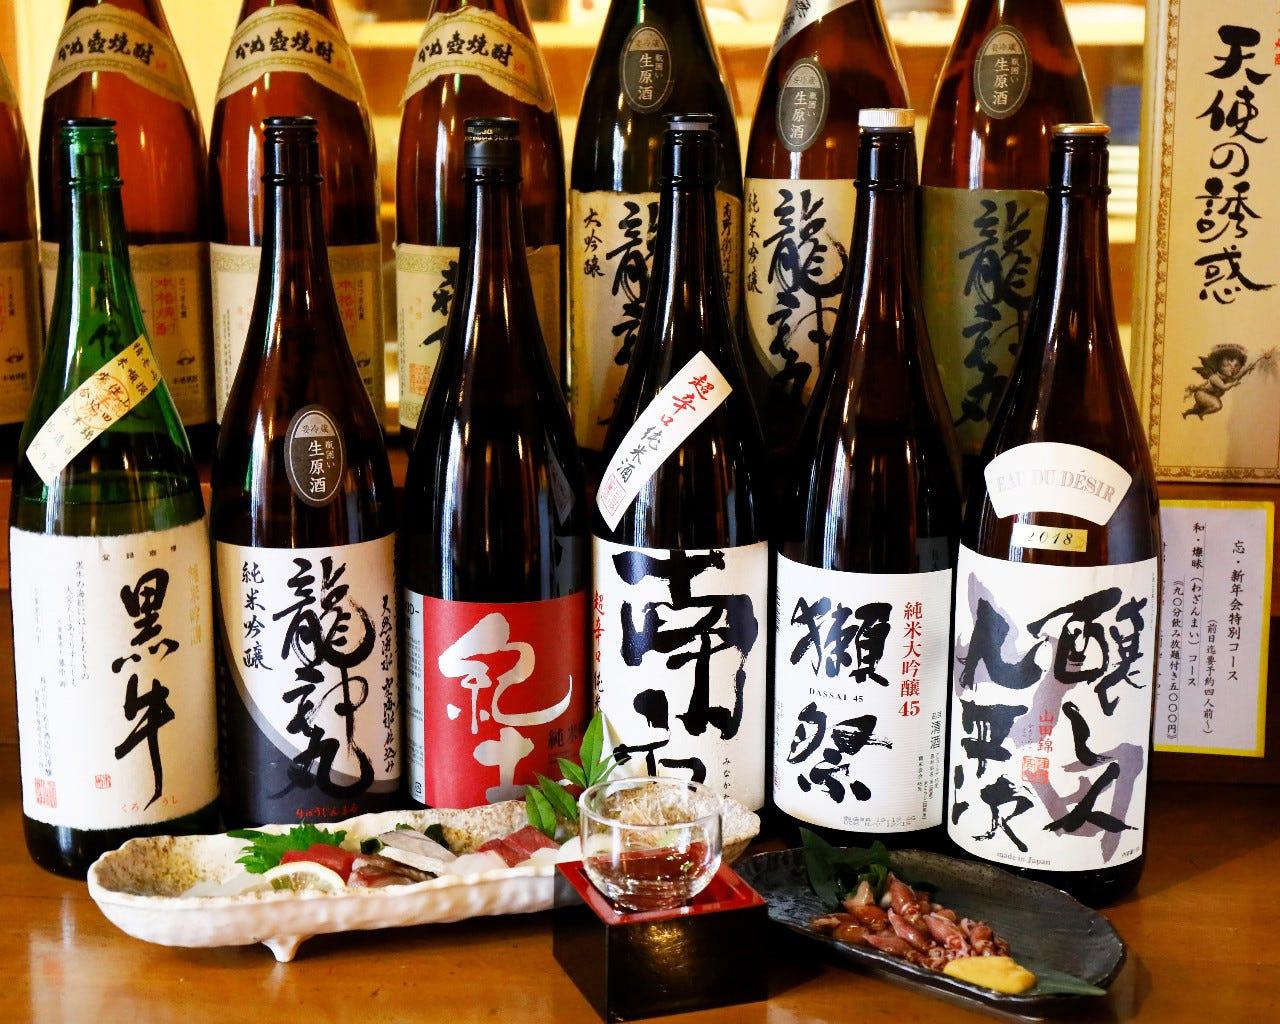 厳選した季節替わりの豊富な日本酒